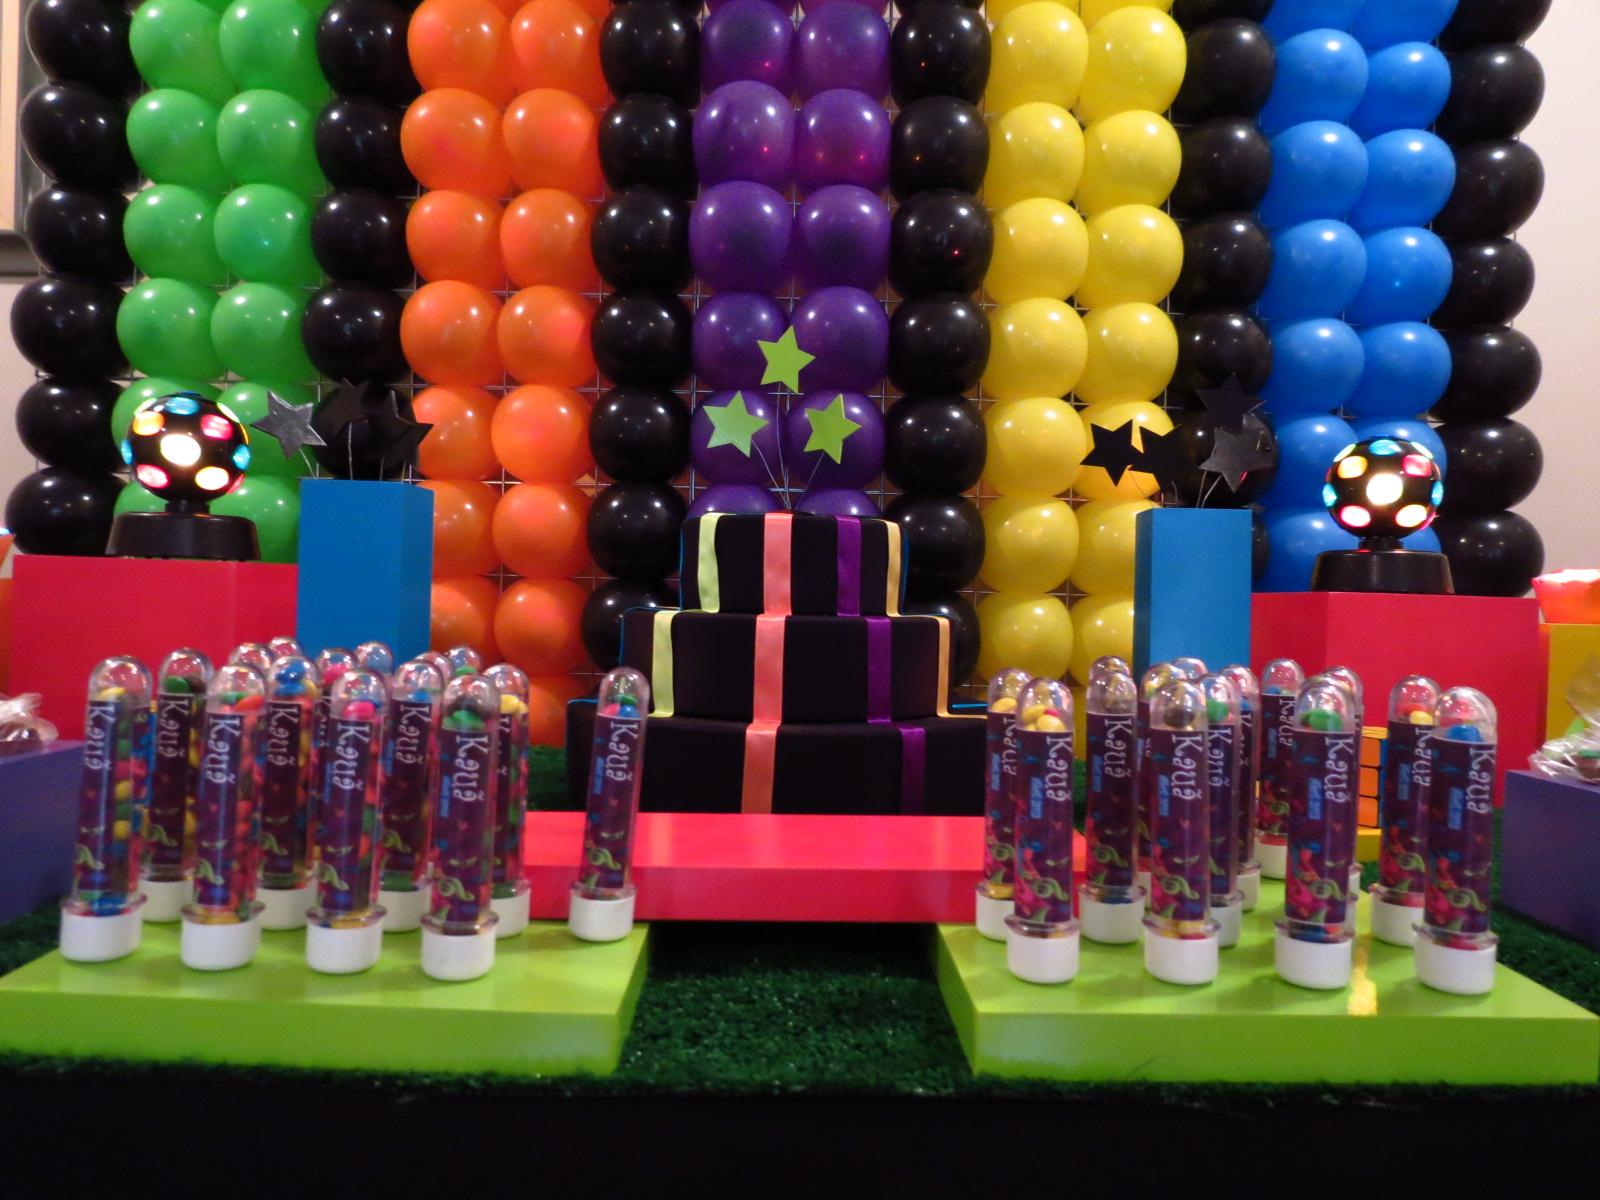 decoracao festa balada infantil:Farolita Decoração de Festas Infantis: BALADA TEEN